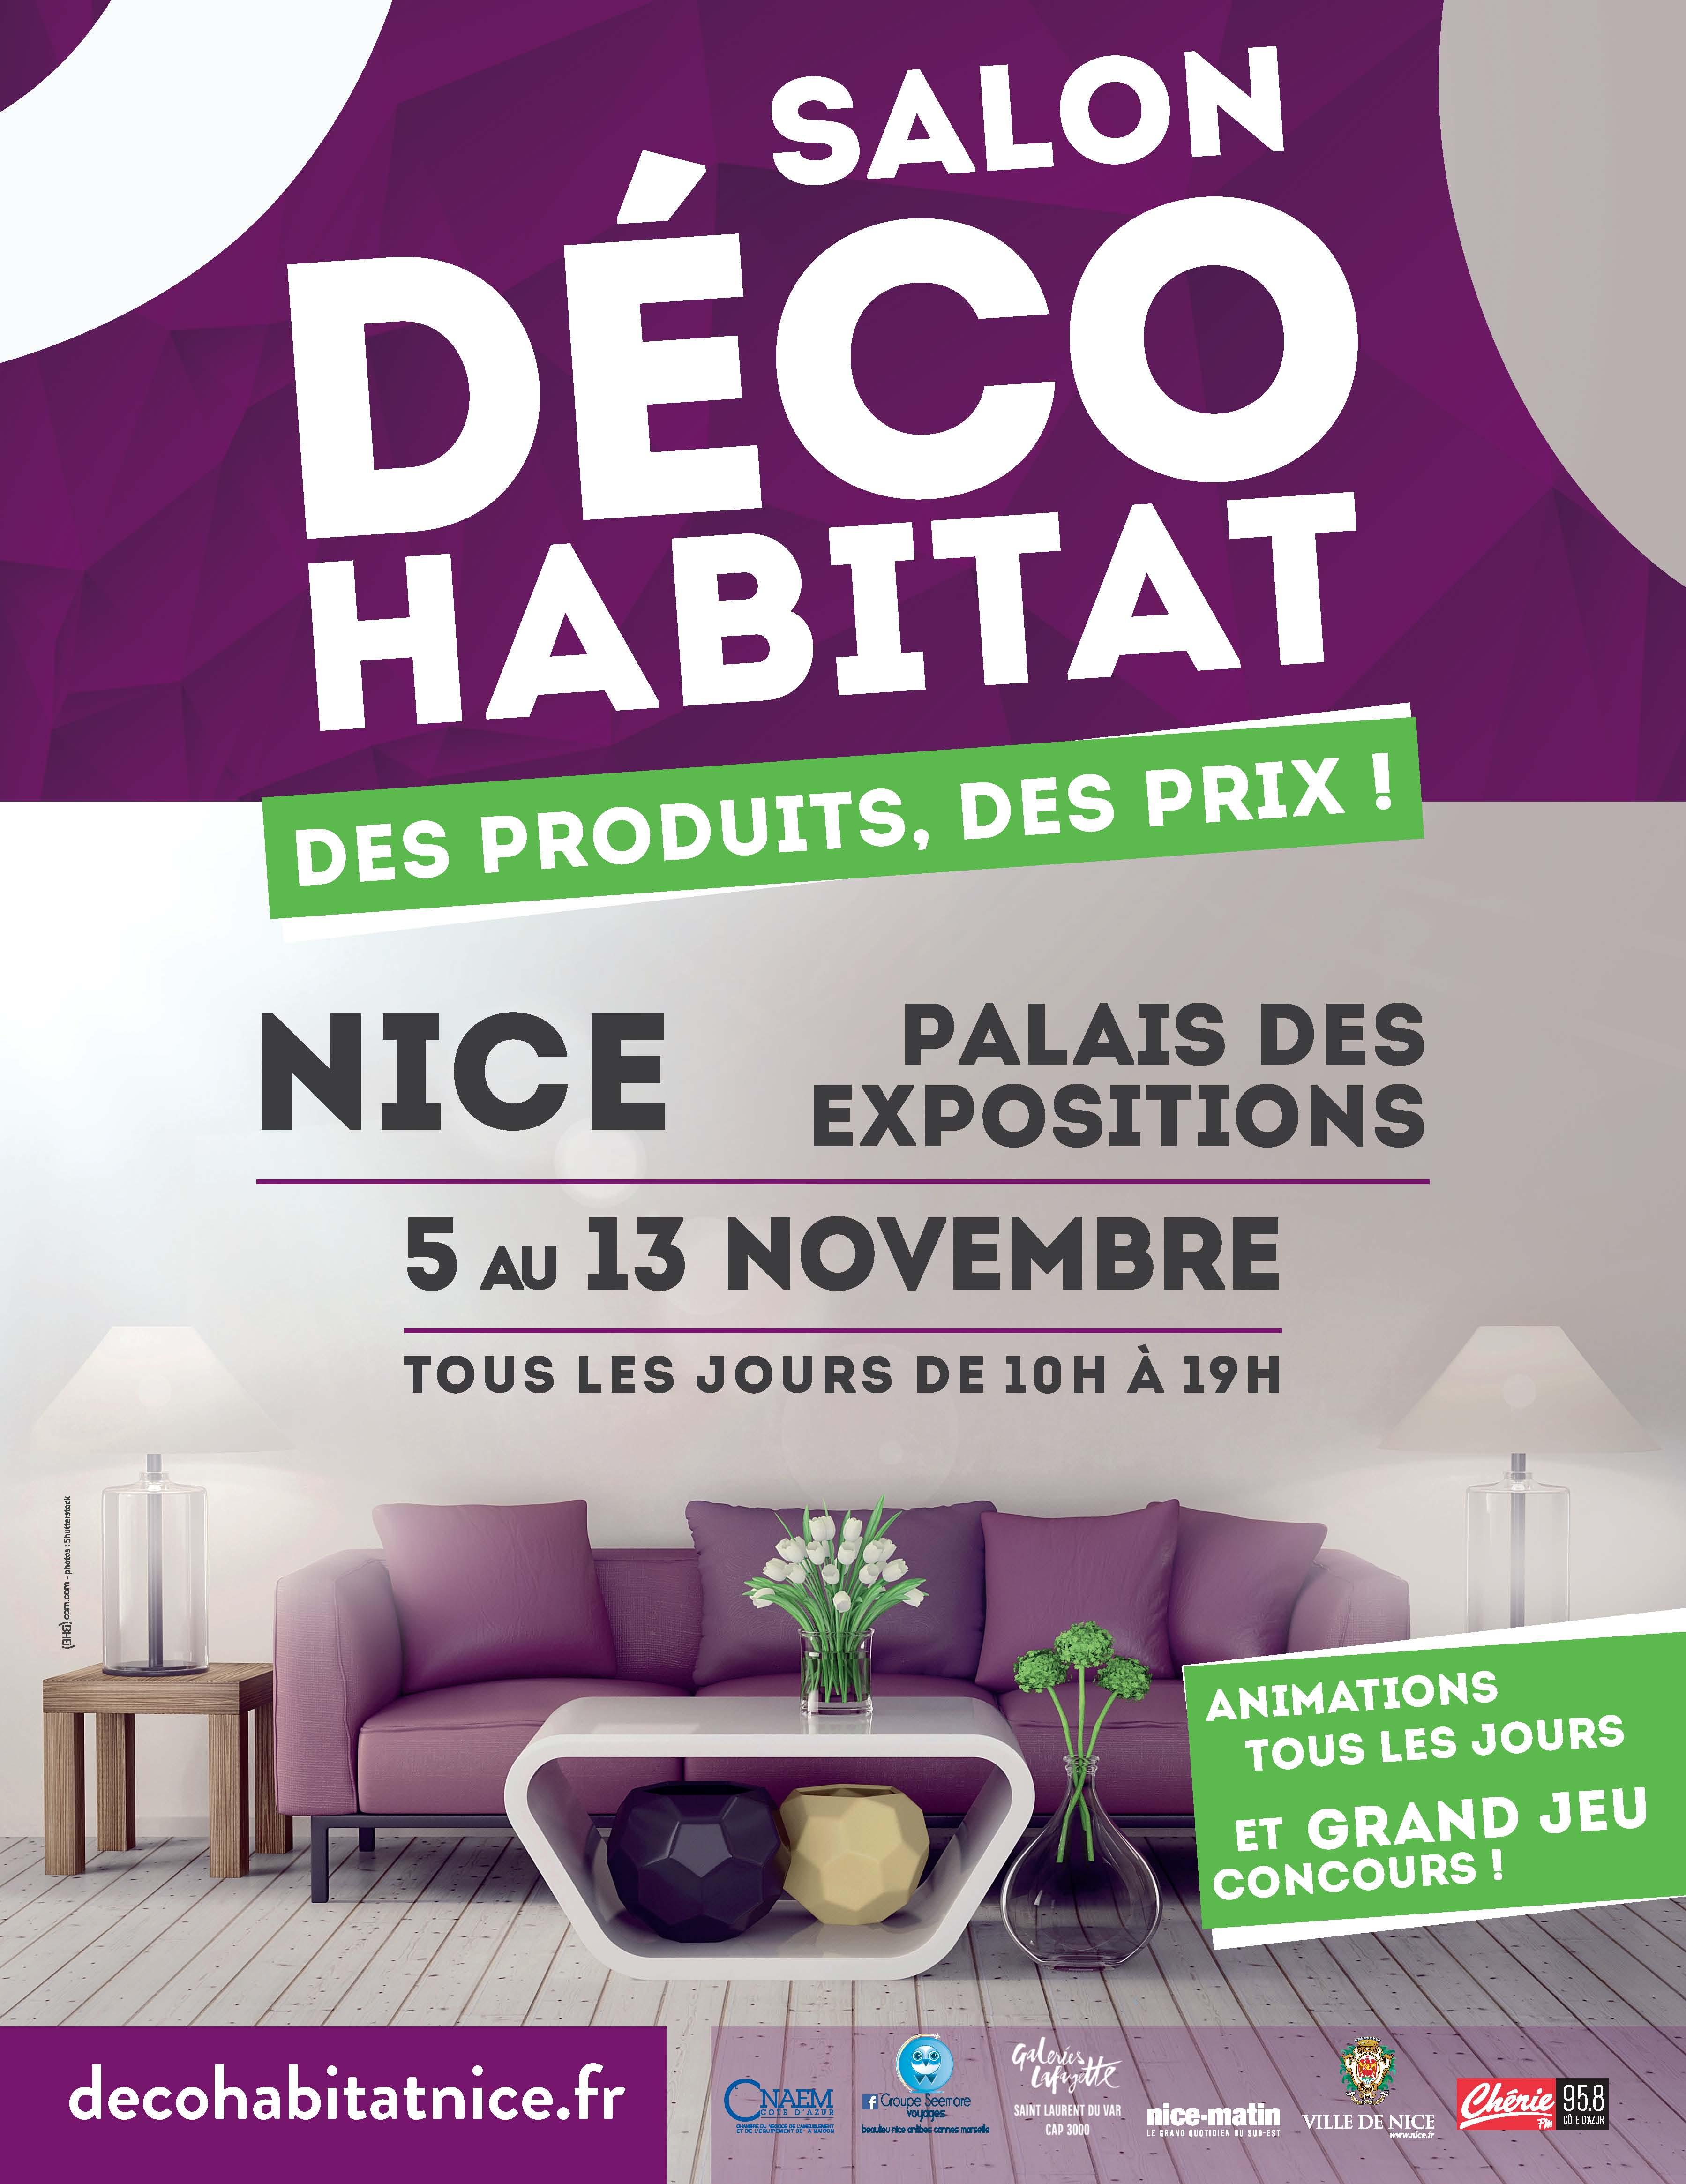 Salon dco habitat de nice nice actualit salon for Salon de the nice